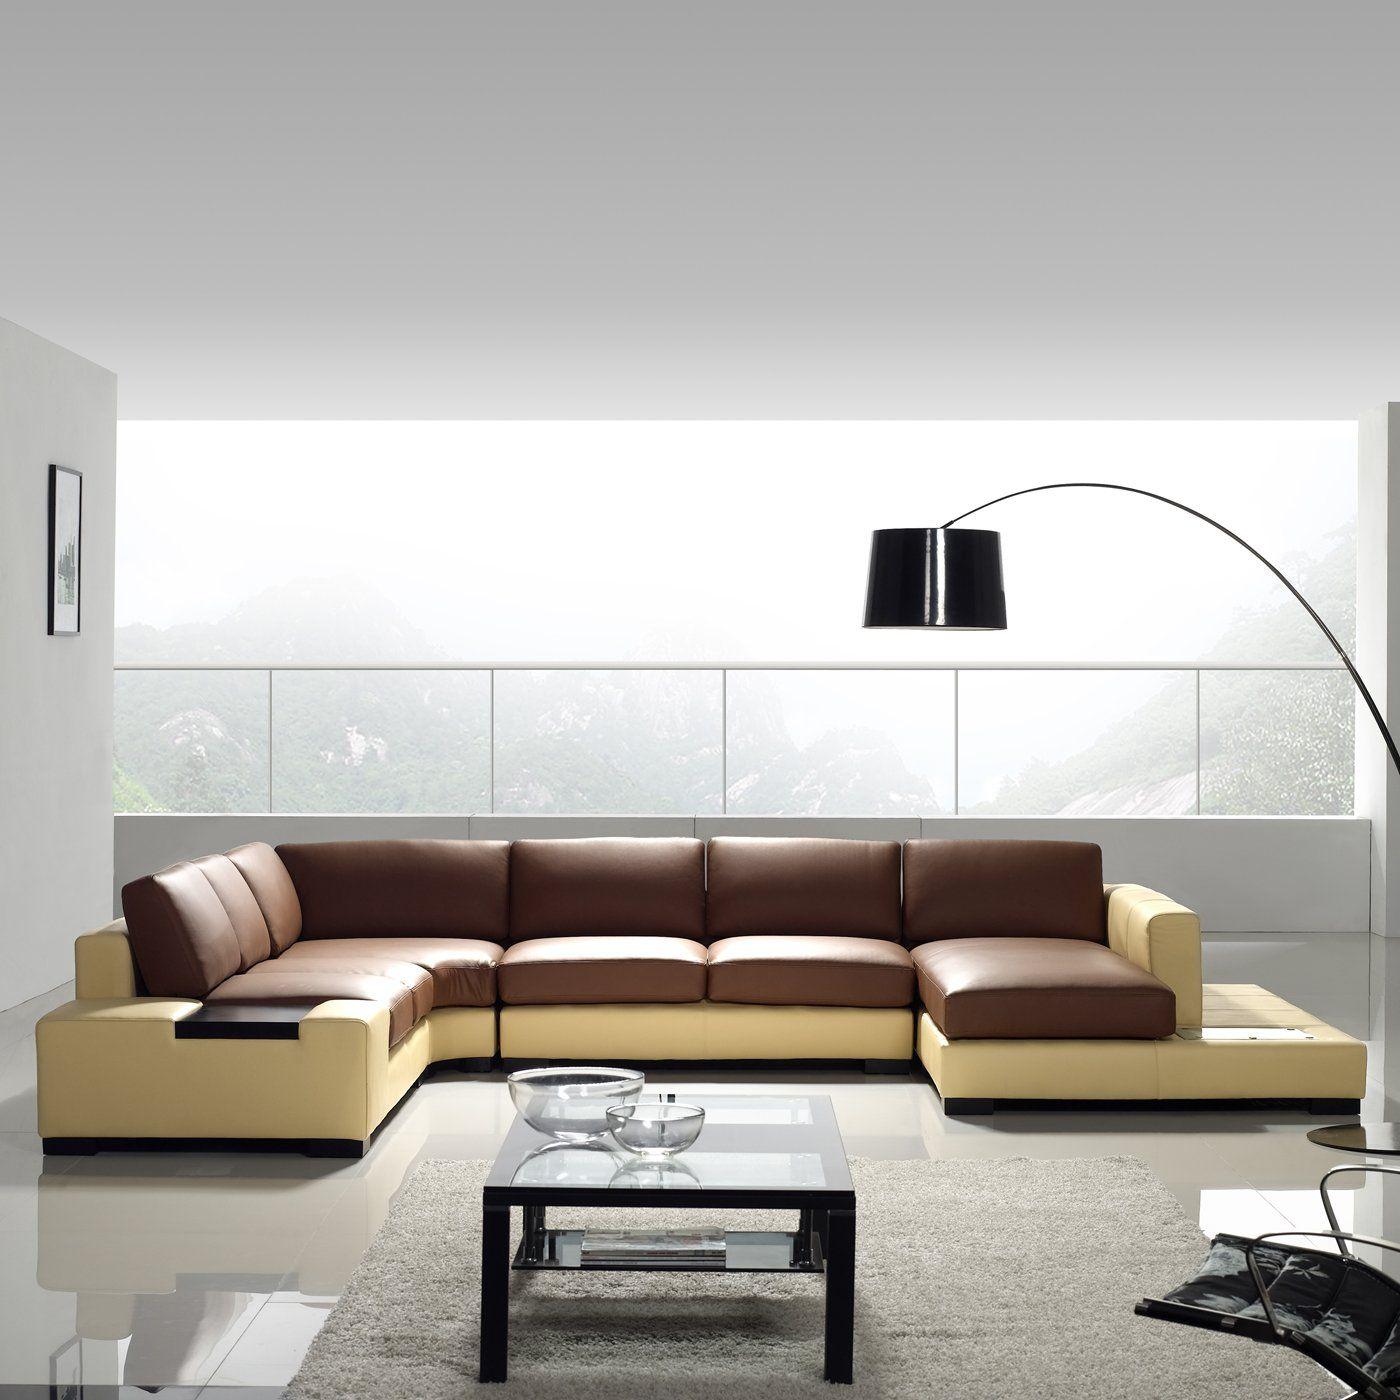 Very Modern Tosh Furniture Tos Lf 2029 Modern Leather Sectional Sofa Modern Leather Sectional Sofas Leather Couch Sectional Modern Sofa Sectional